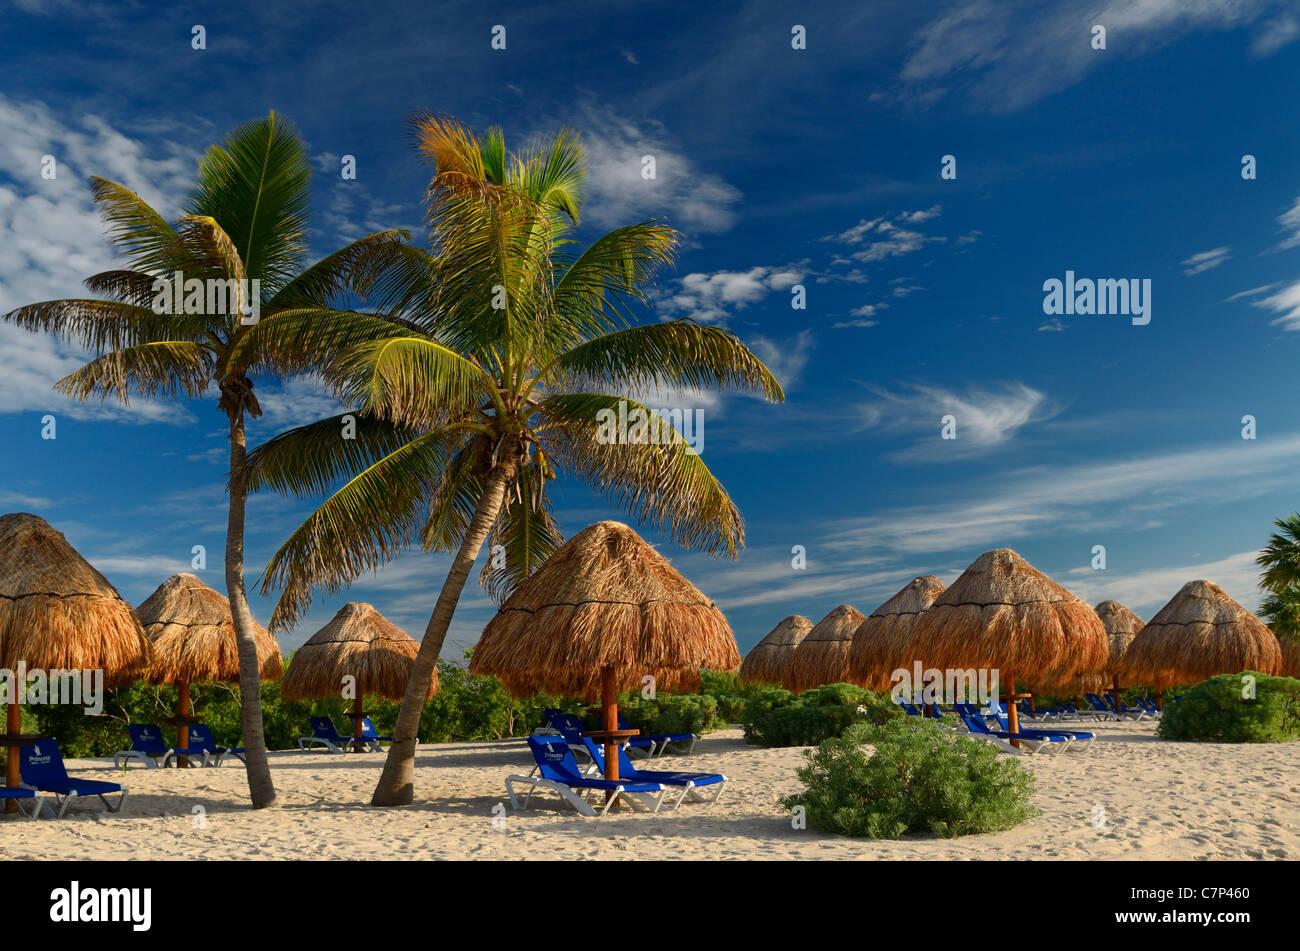 Riviera Maya vacía playa tumbonas con sombrillas de paja y cocoteros méxico Imagen De Stock